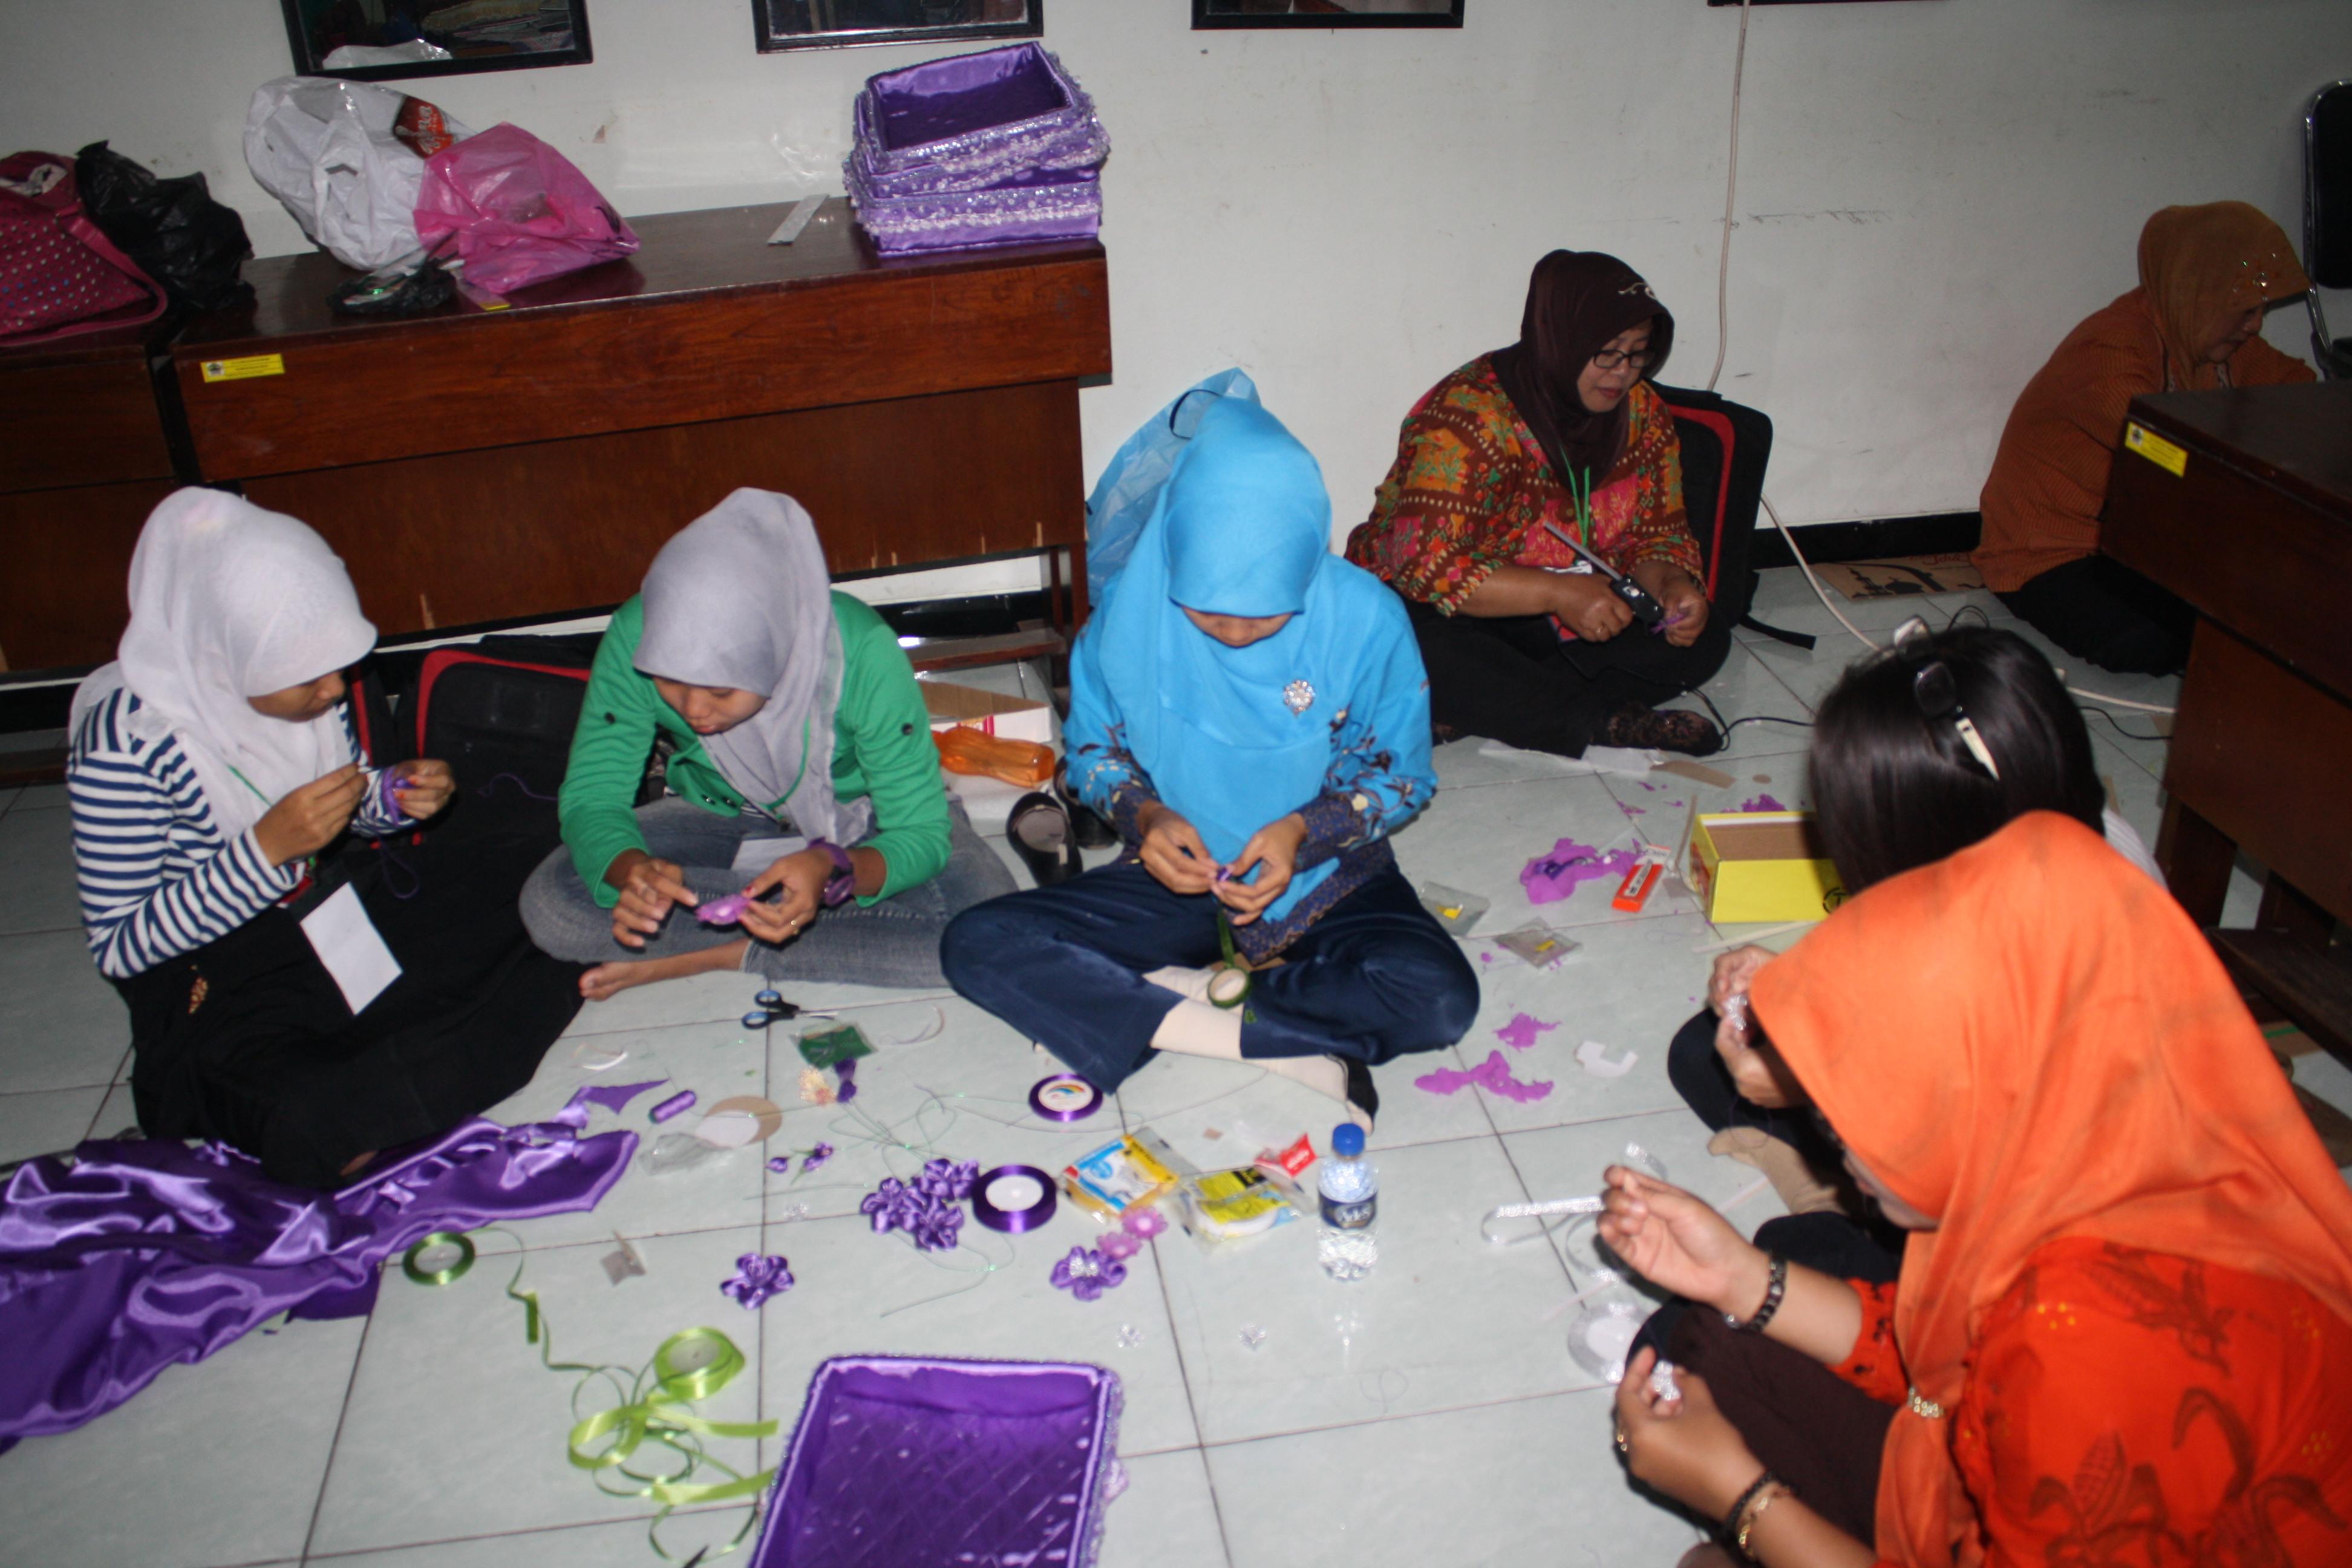 Peluang Usaha Baru di Bandung Modal Minim Kerja Sampingan Di Rumah Peluang Bisnis Menjanjikan Yang Bisa di Kerjakan di Rumah